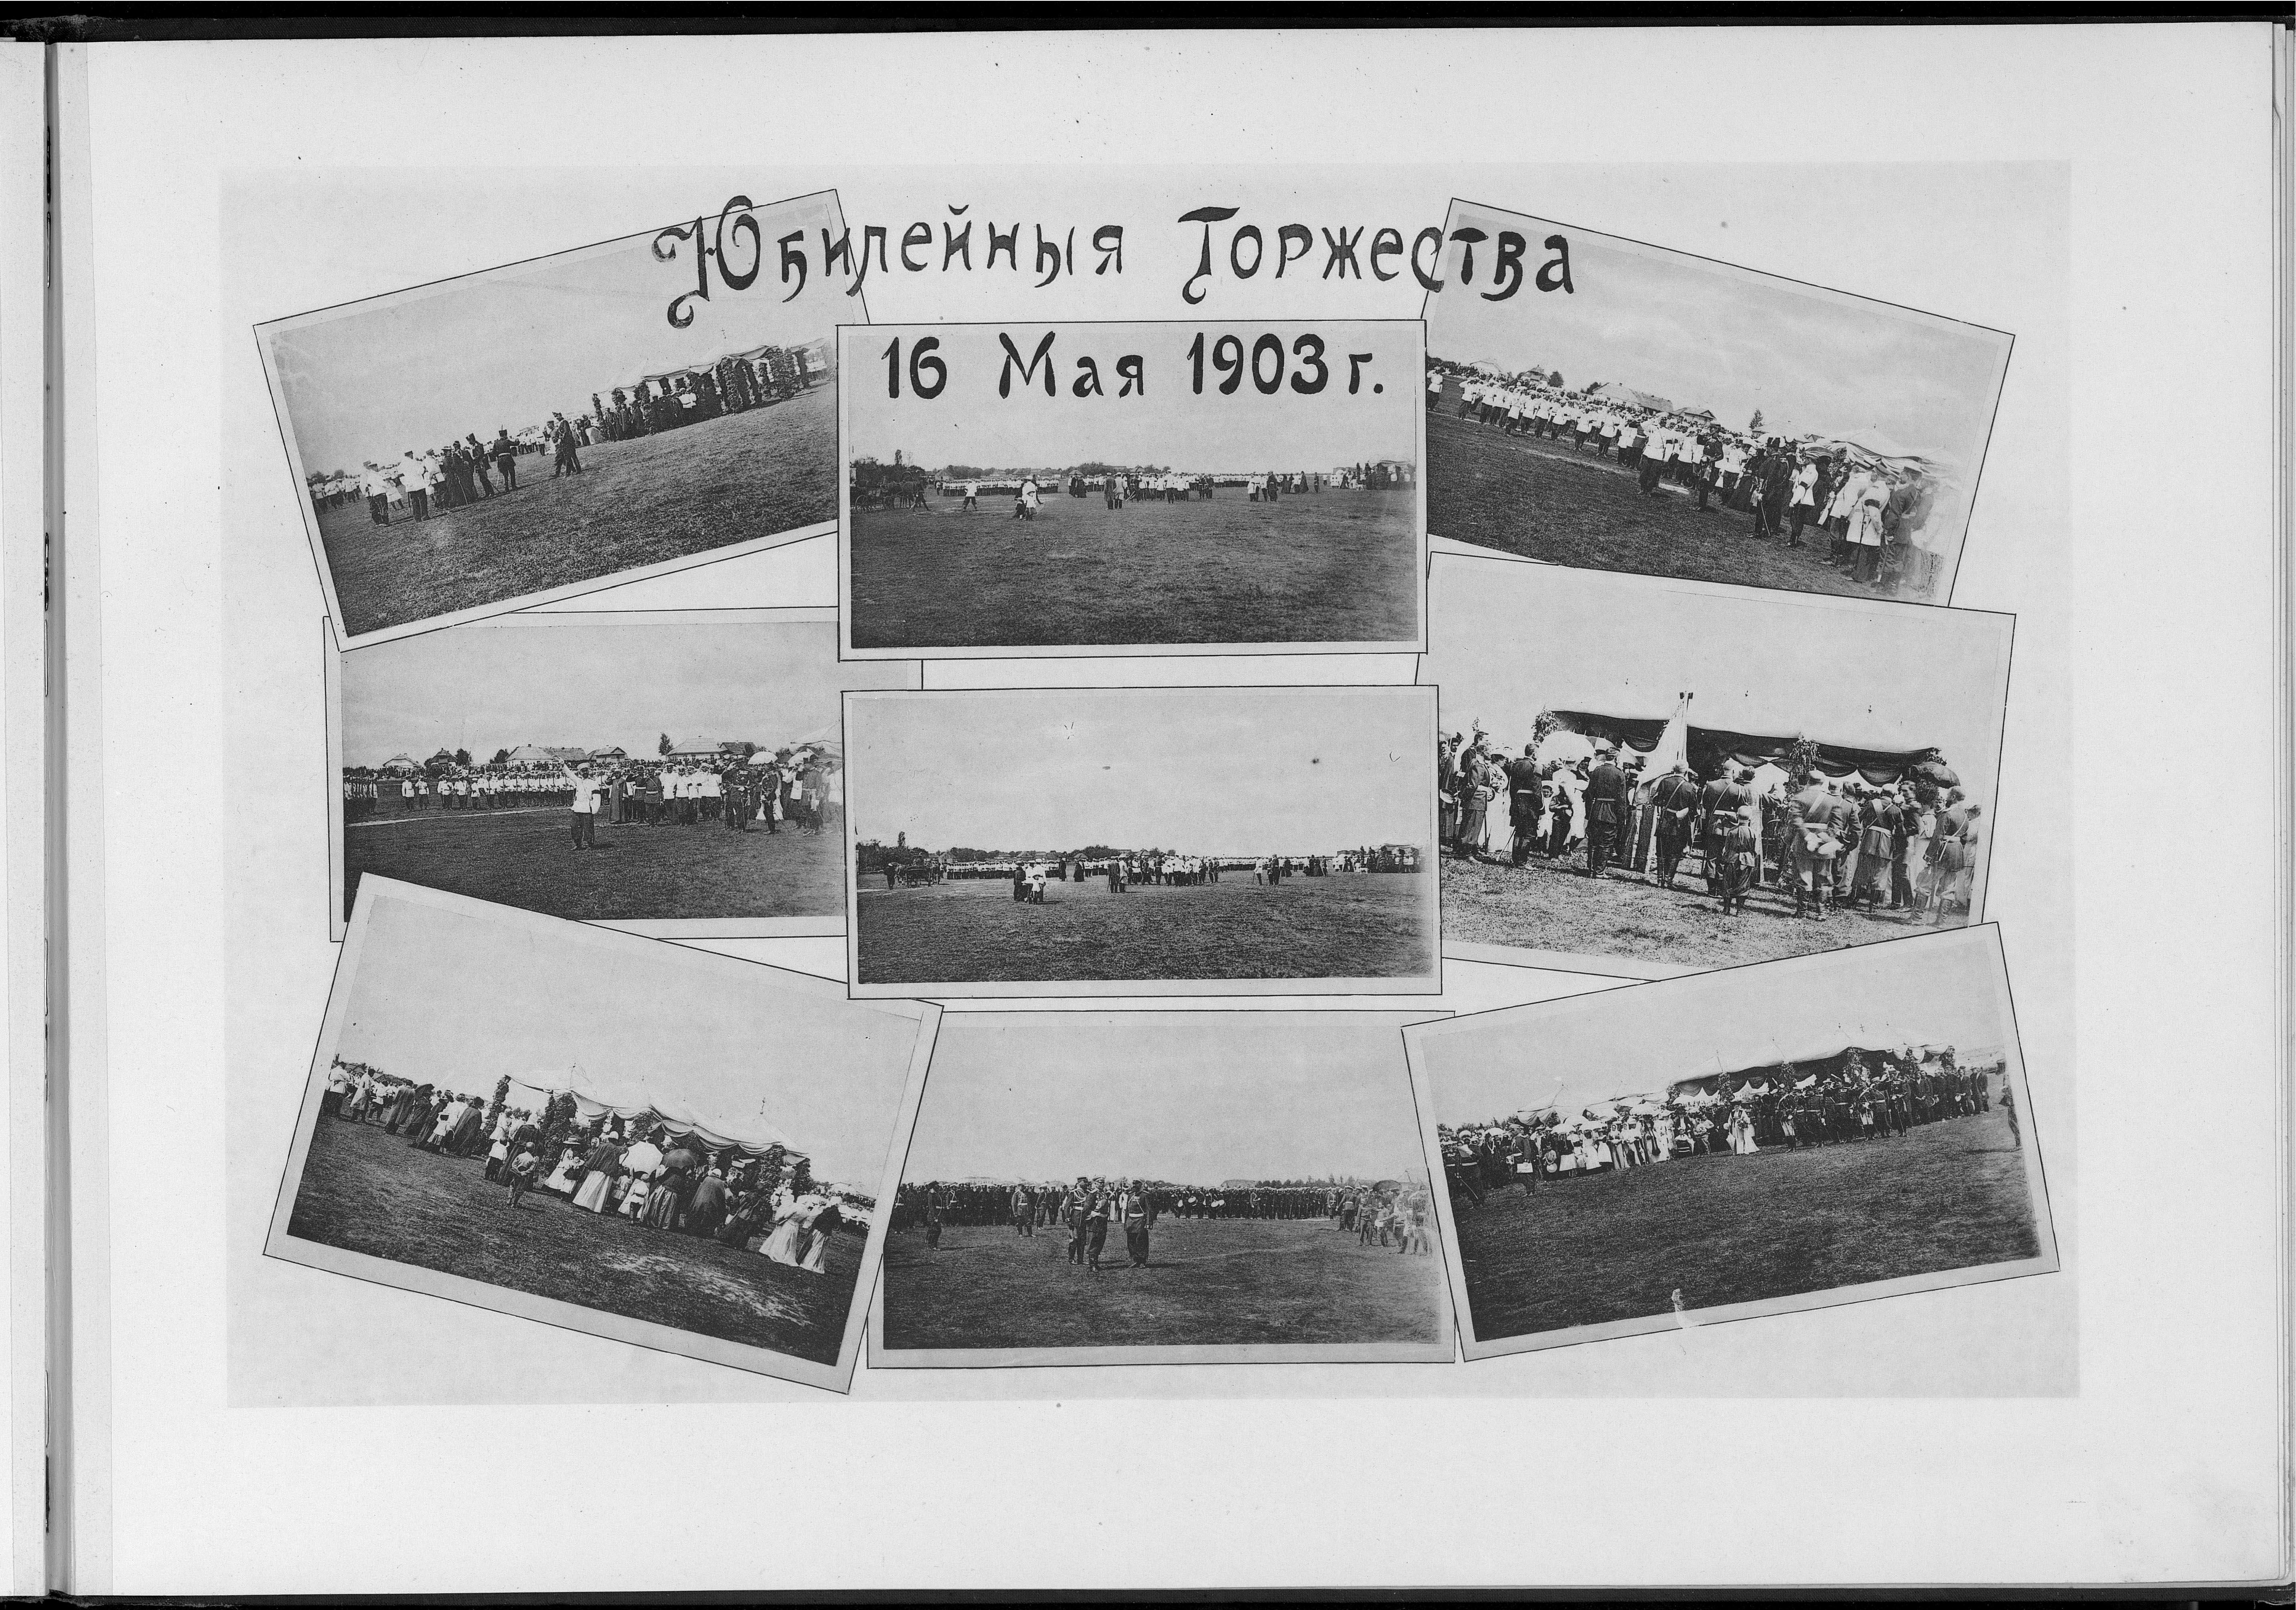 16. Юбилейные торжества 16 мая 1903